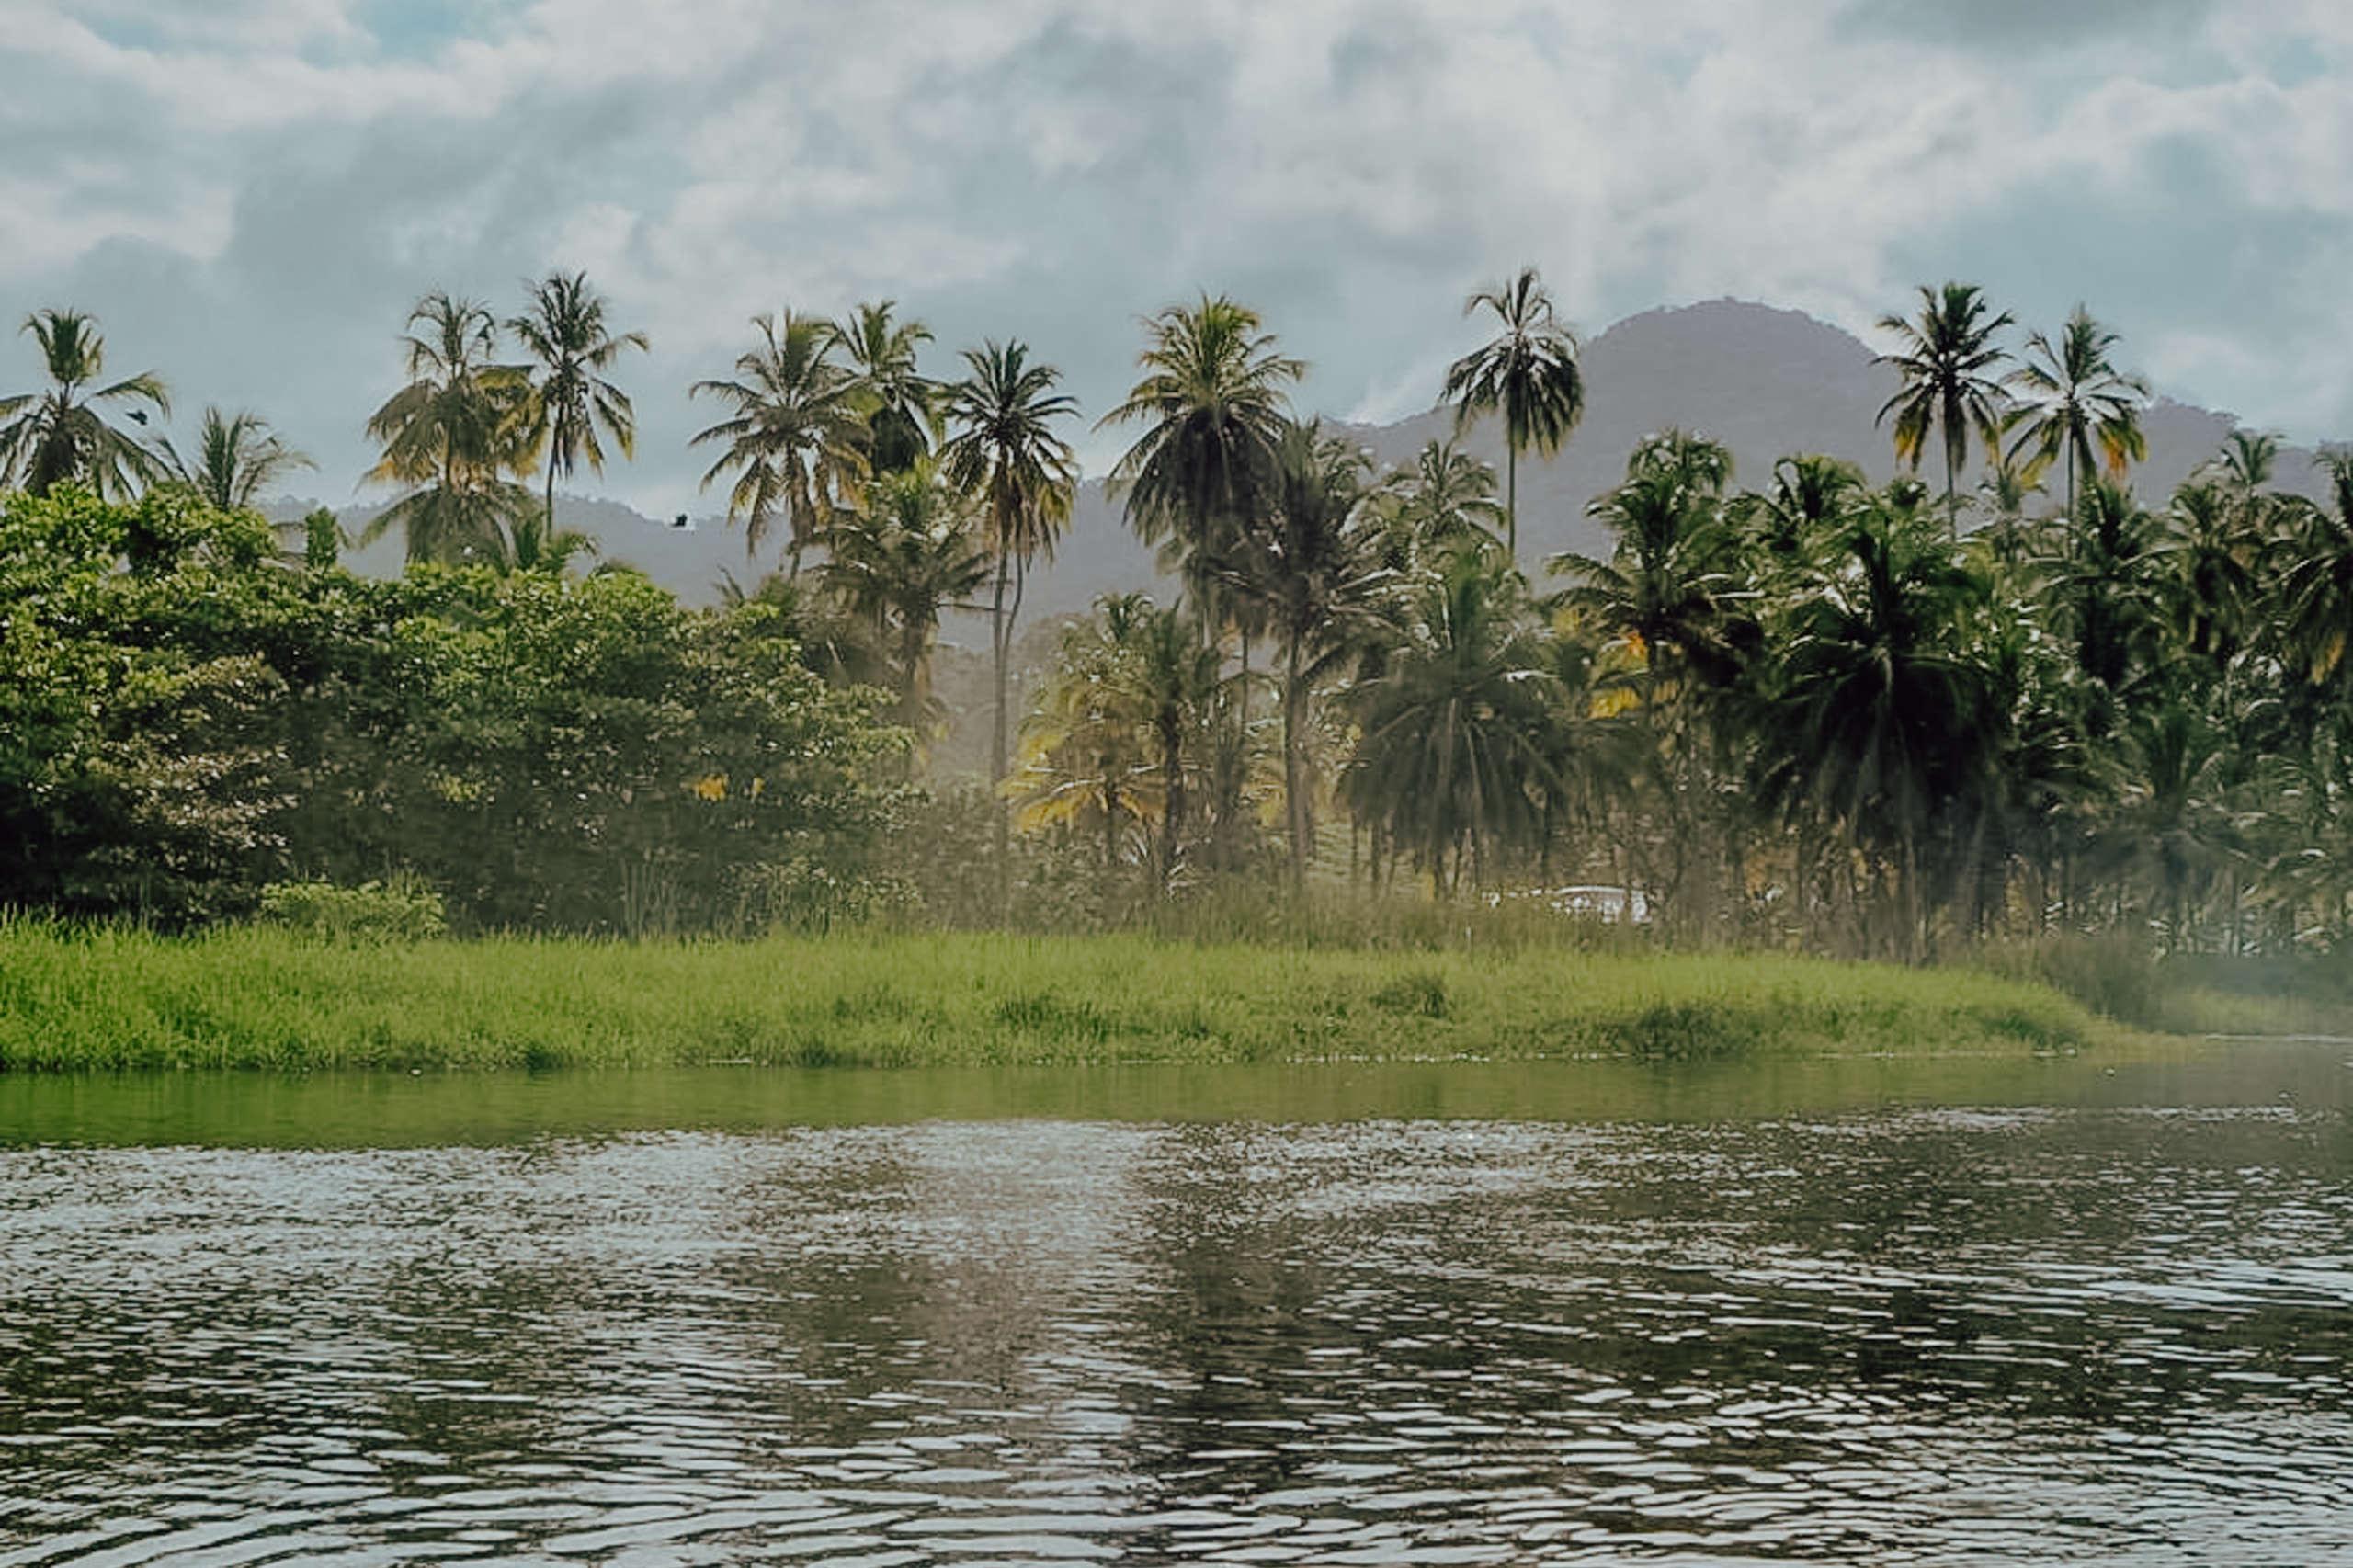 Palmen die nah am Wasser stehen.